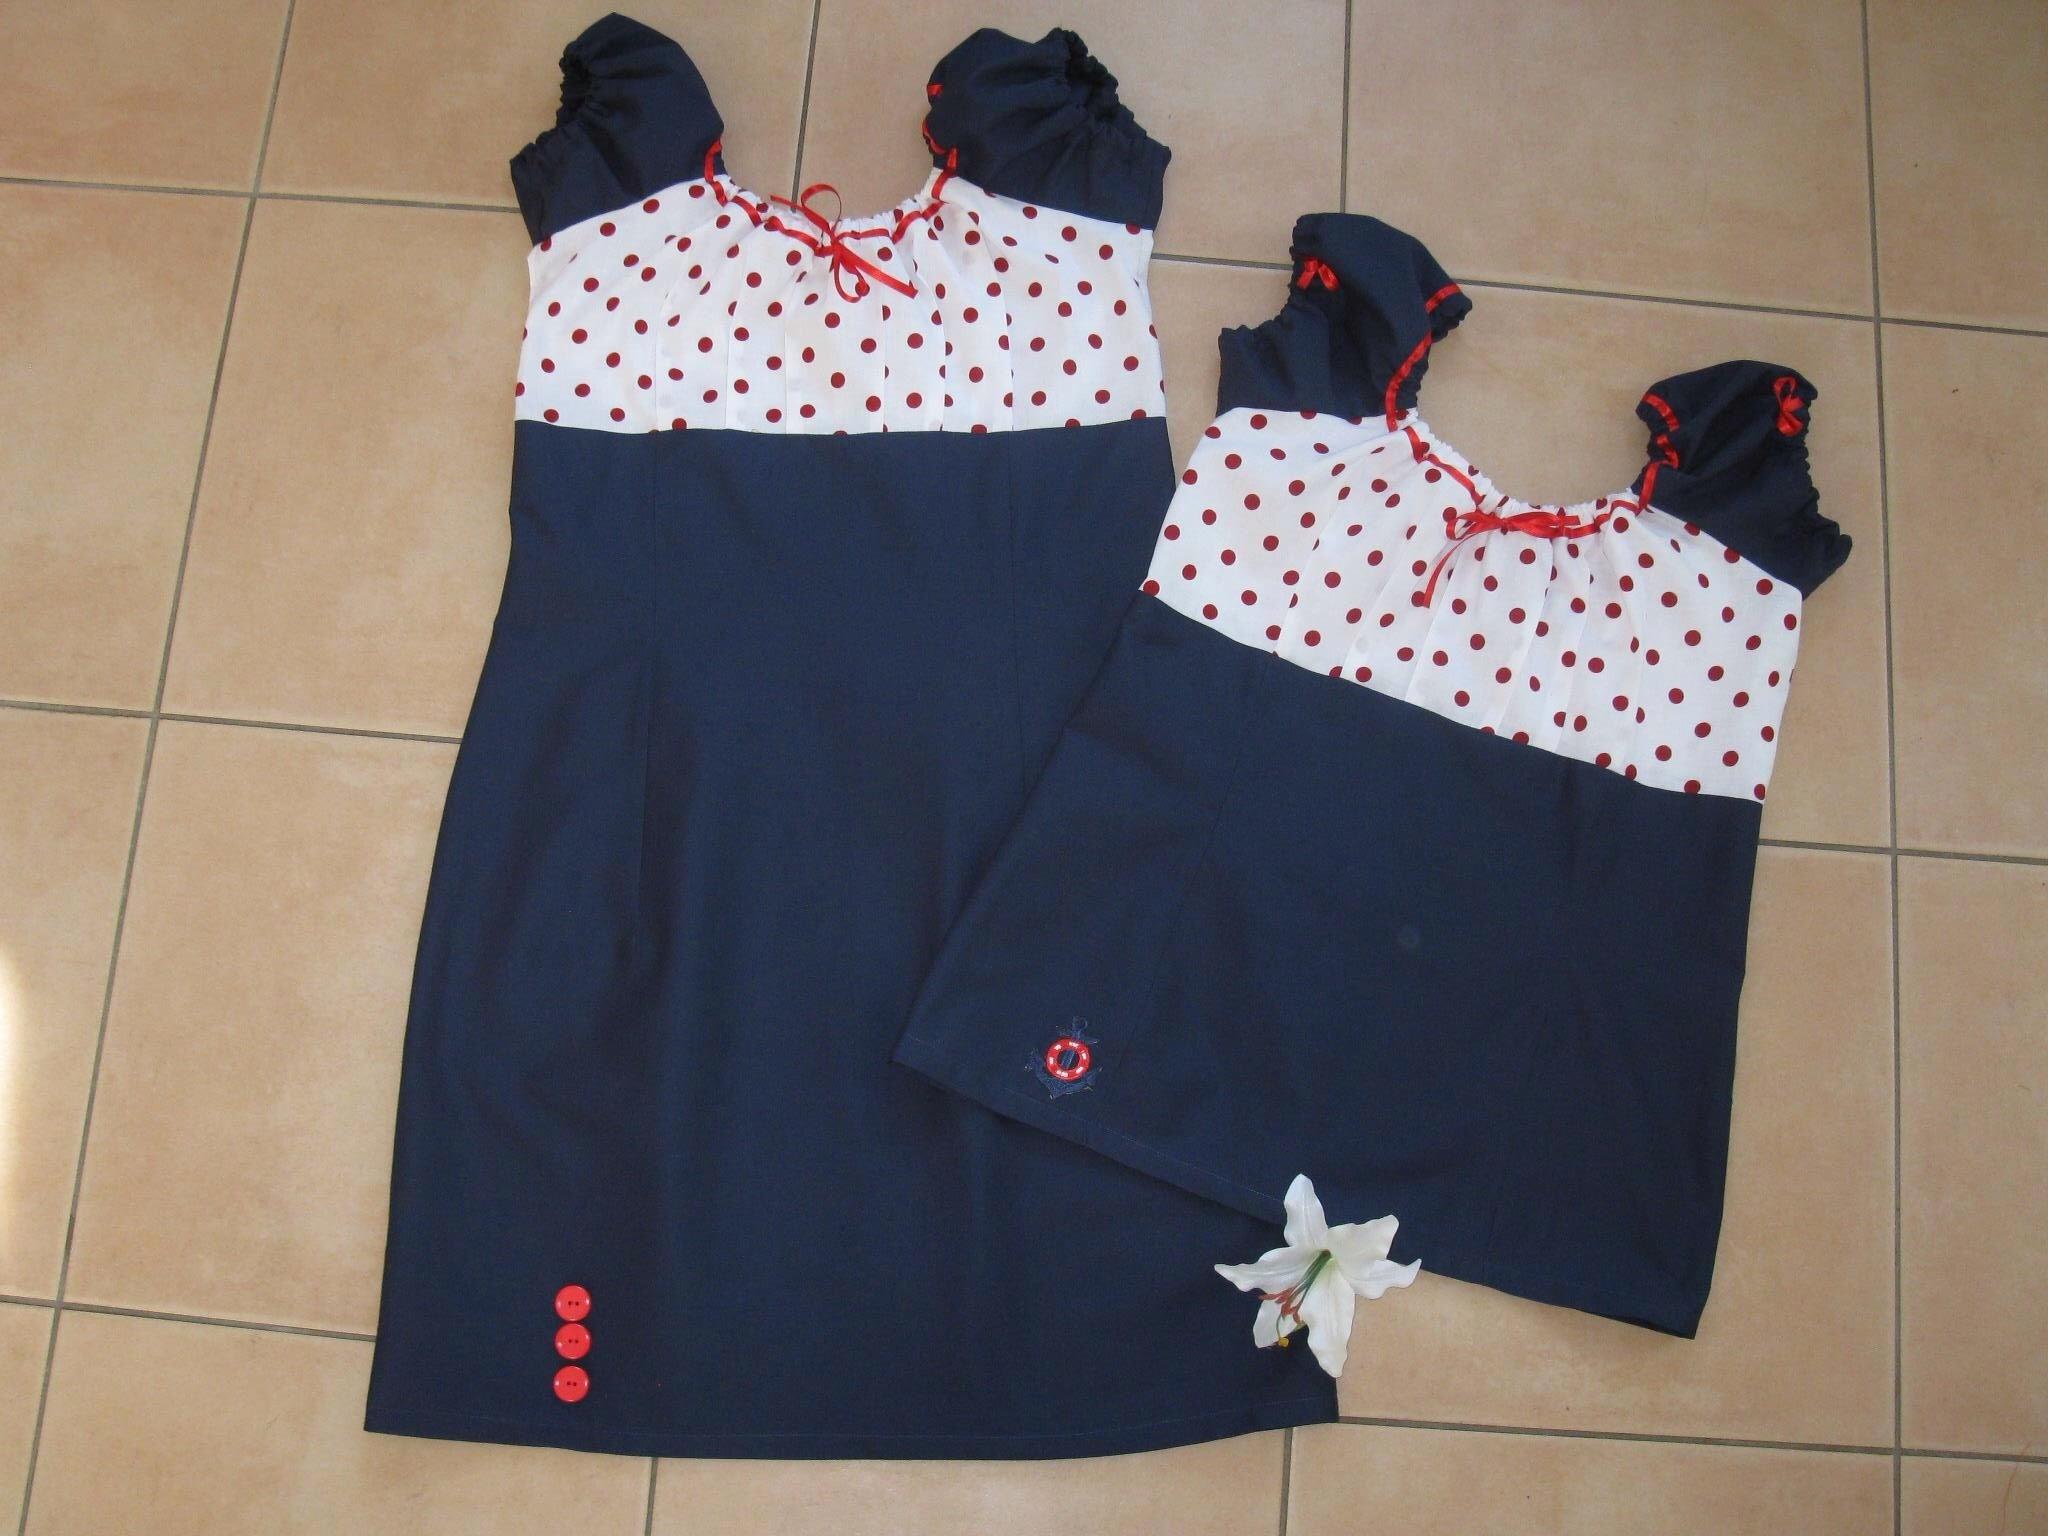 wo kann ich kleider produzieren lassen z b t rkei kleid n hen import. Black Bedroom Furniture Sets. Home Design Ideas